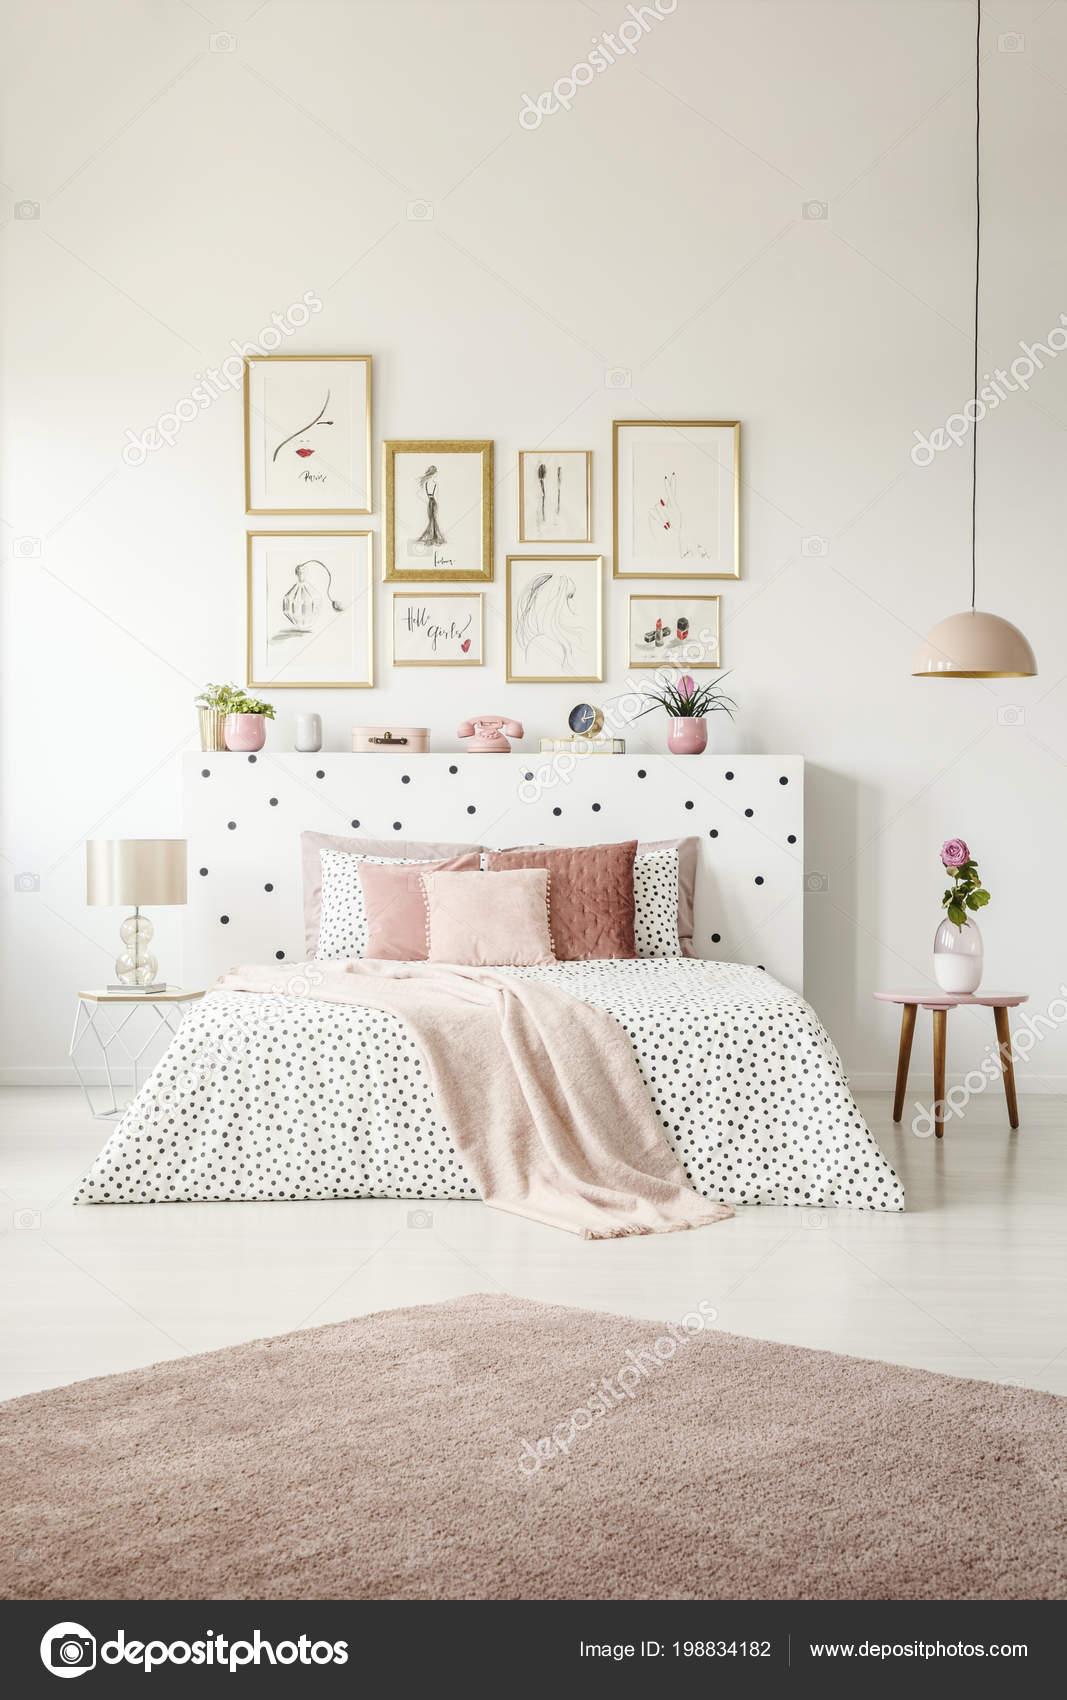 Roze Deken Posters Vrouw Slaapkamer Interieur Met Bloem Tafel Naast ...